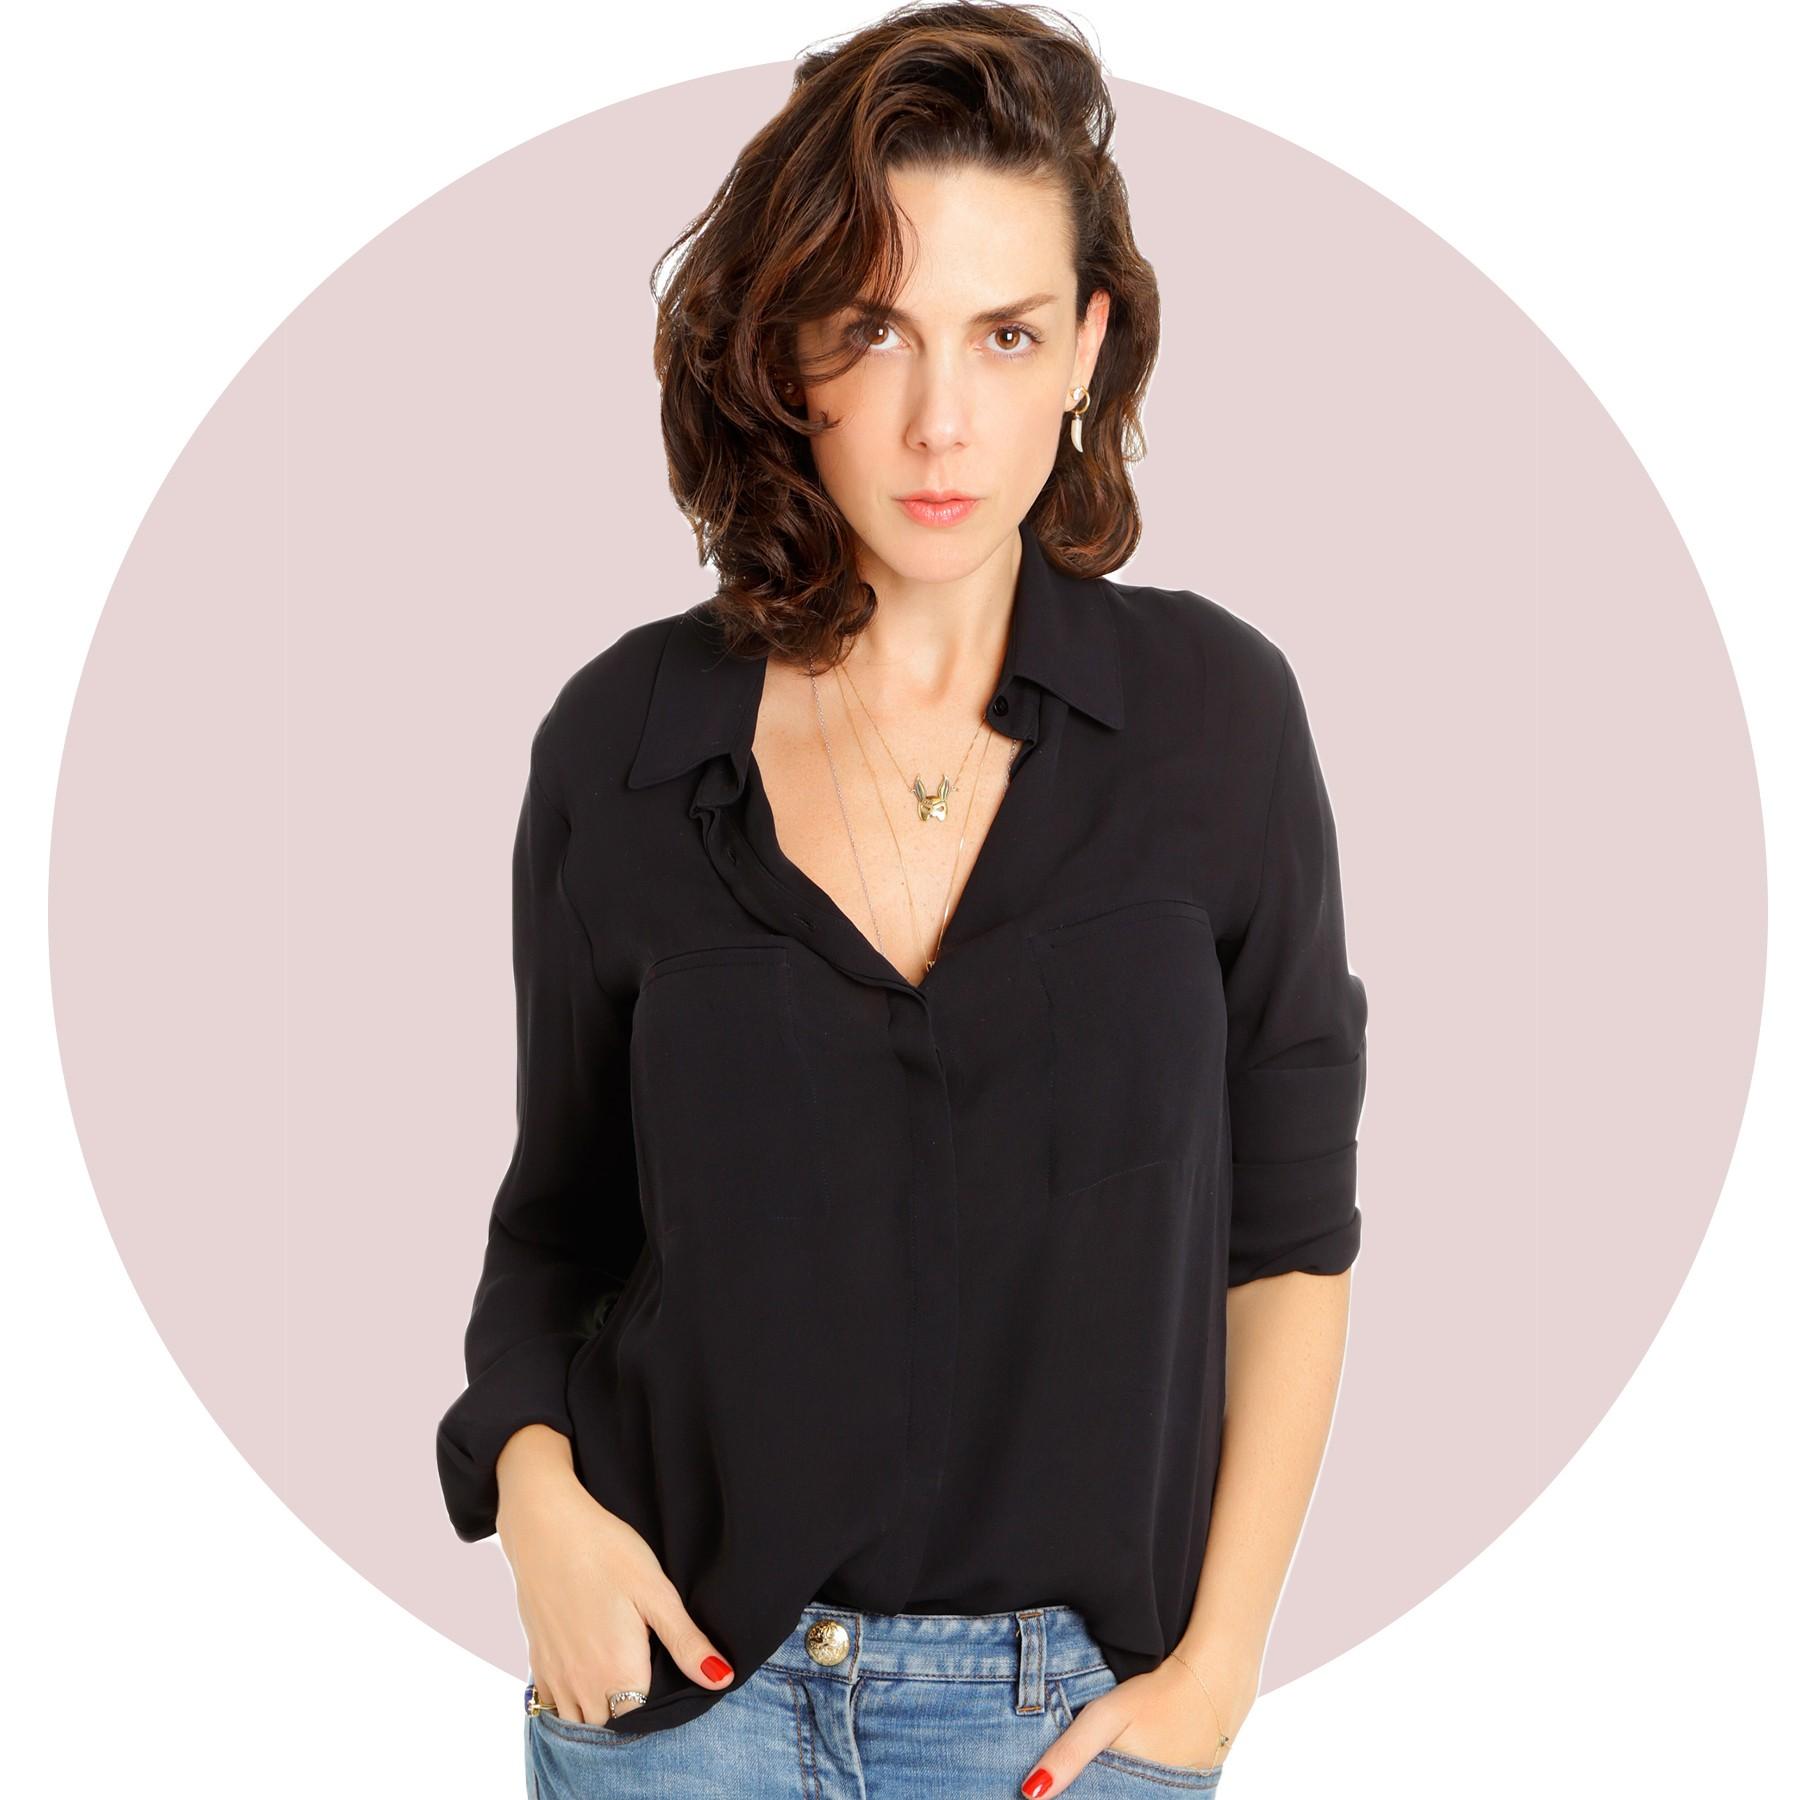 Ana Isabel de Carvalho Pinto  (Foto: Reprodução)